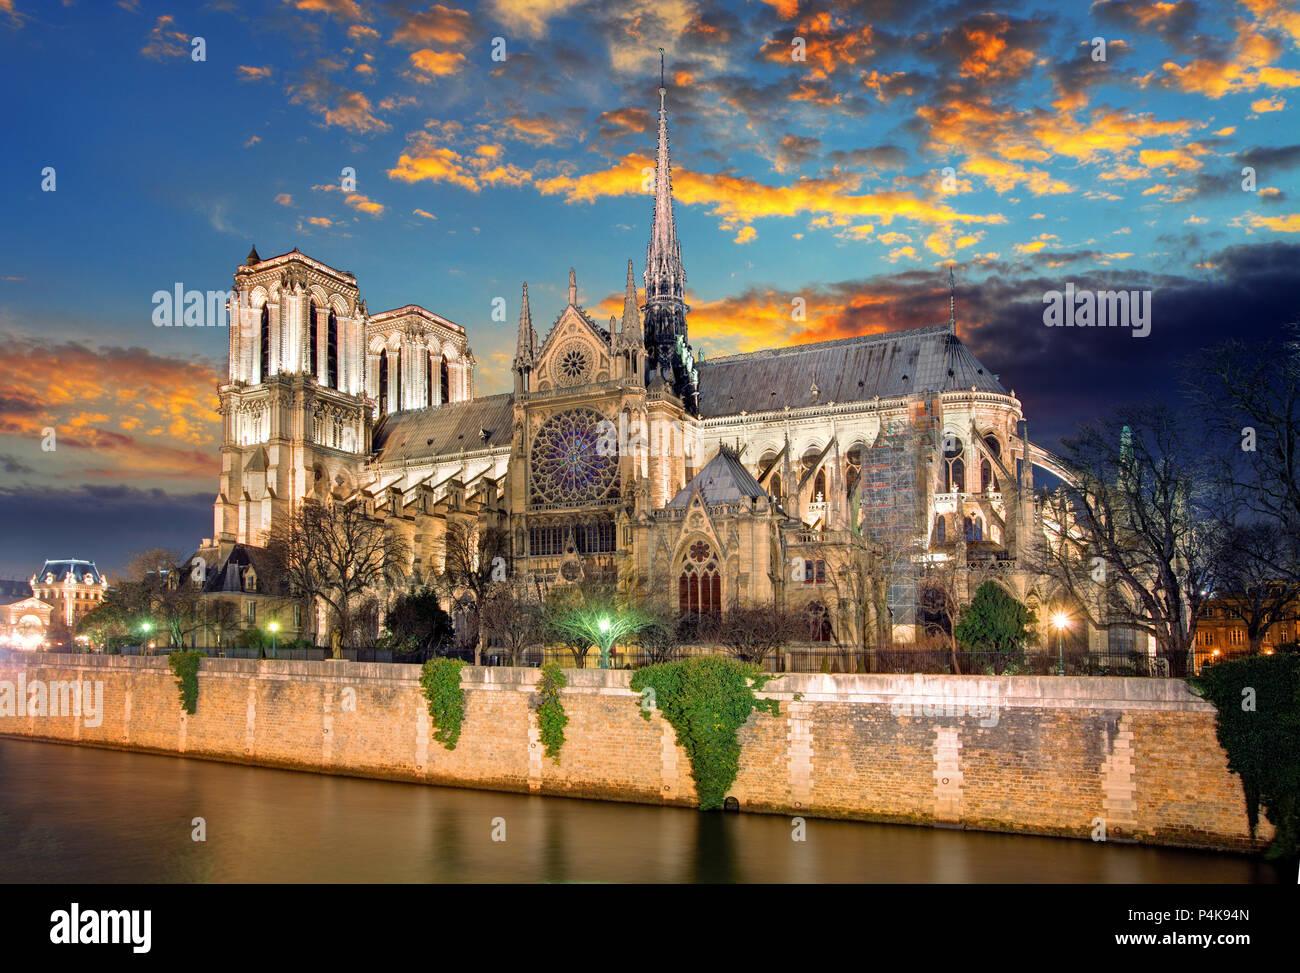 Kathedrale Notre-Dame in der Abenddämmerung in Paris, Frankreich Stockbild